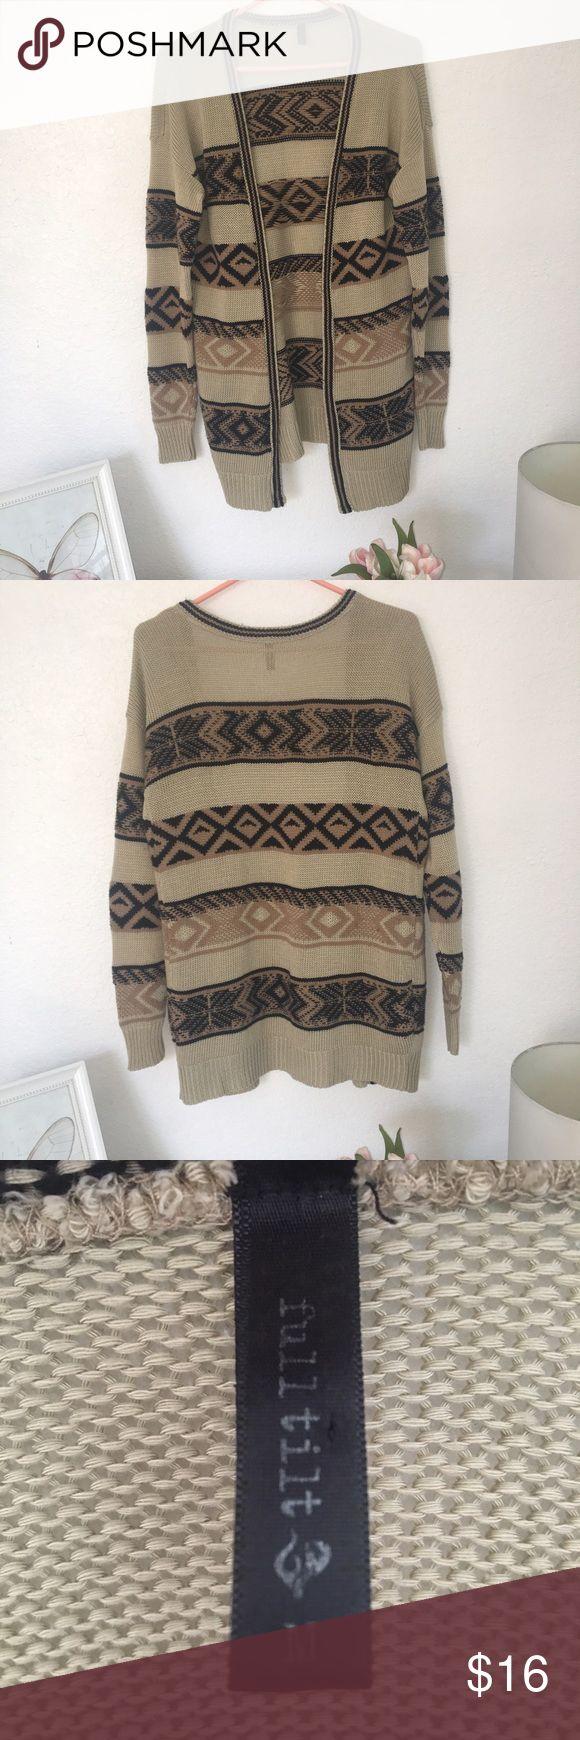 Tribal Print Cardigan🌼 Sz Medium Trick fabric but easy and comfortable to wear. Worn a couple times but in good conditions./ Tela gruesa pero muy cómoda. Fue usado un par de veces pero aún está en buenas condiciones. Full Tilt Sweaters Cardigans